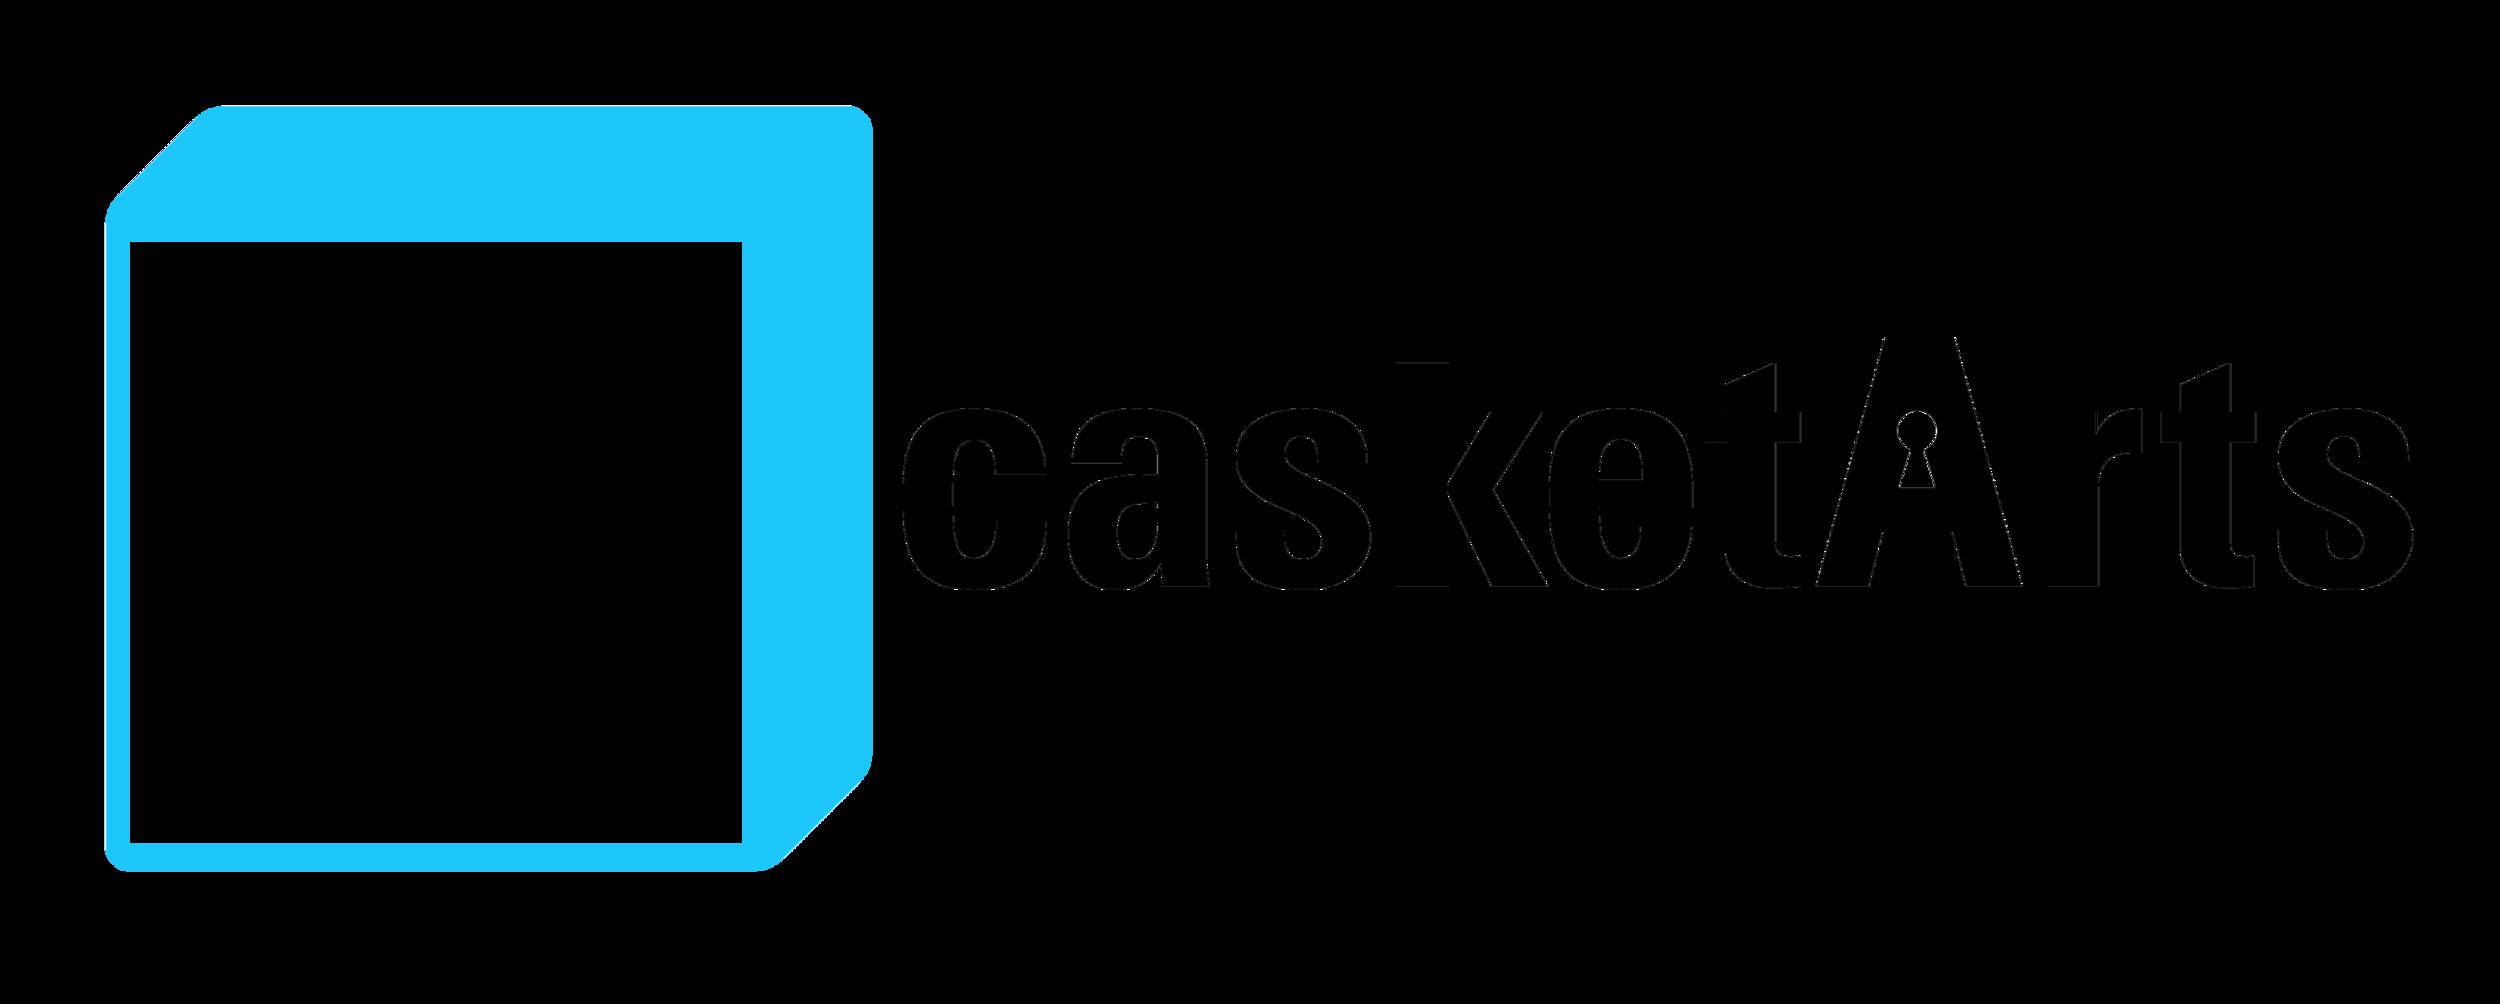 1stThursday.logo.png